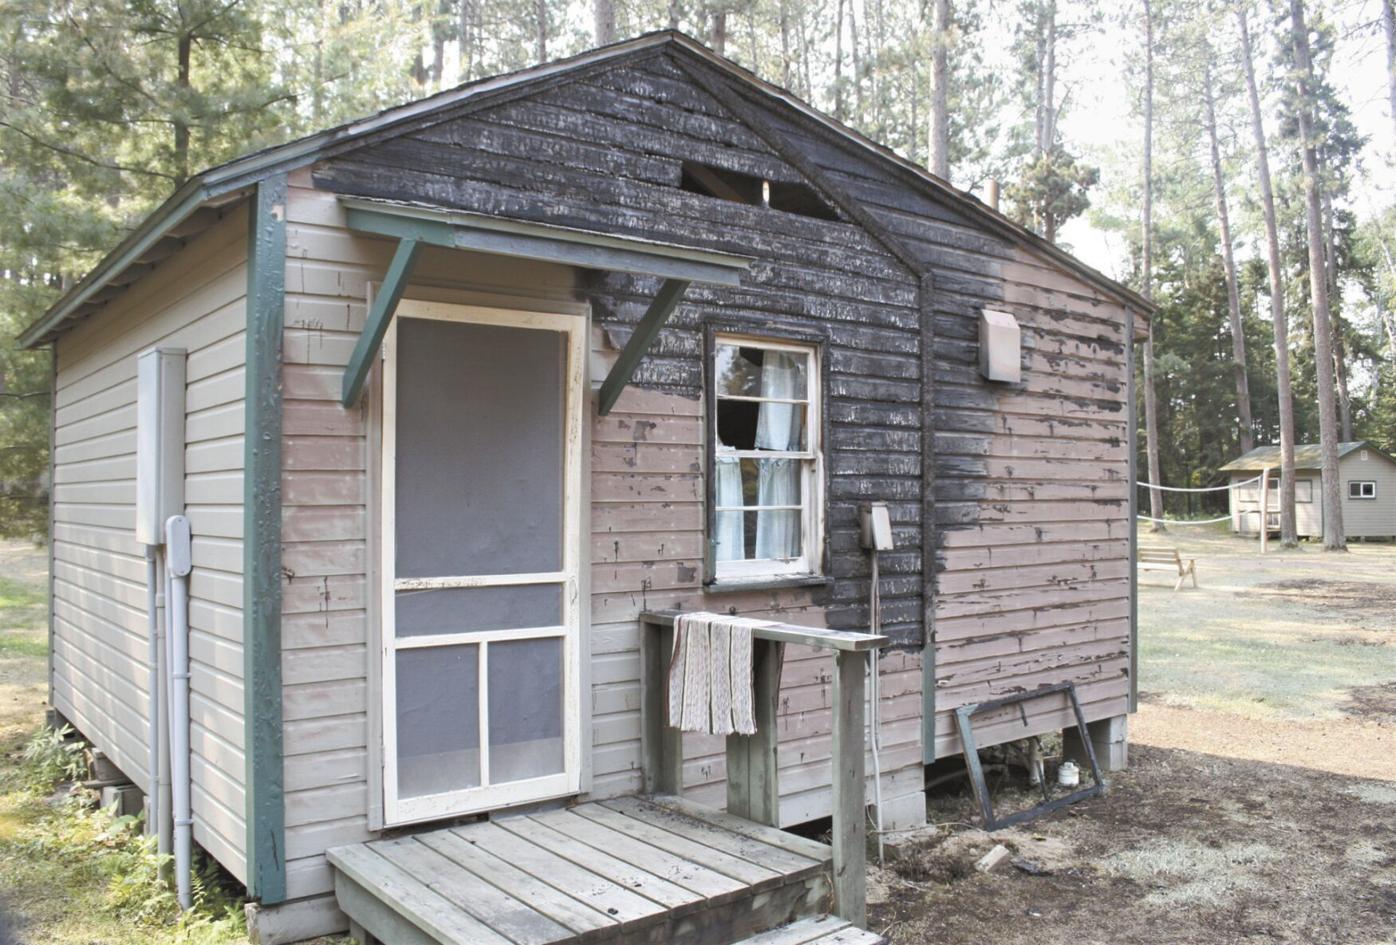 072021 Camp Sigel for inside or jump.JPG